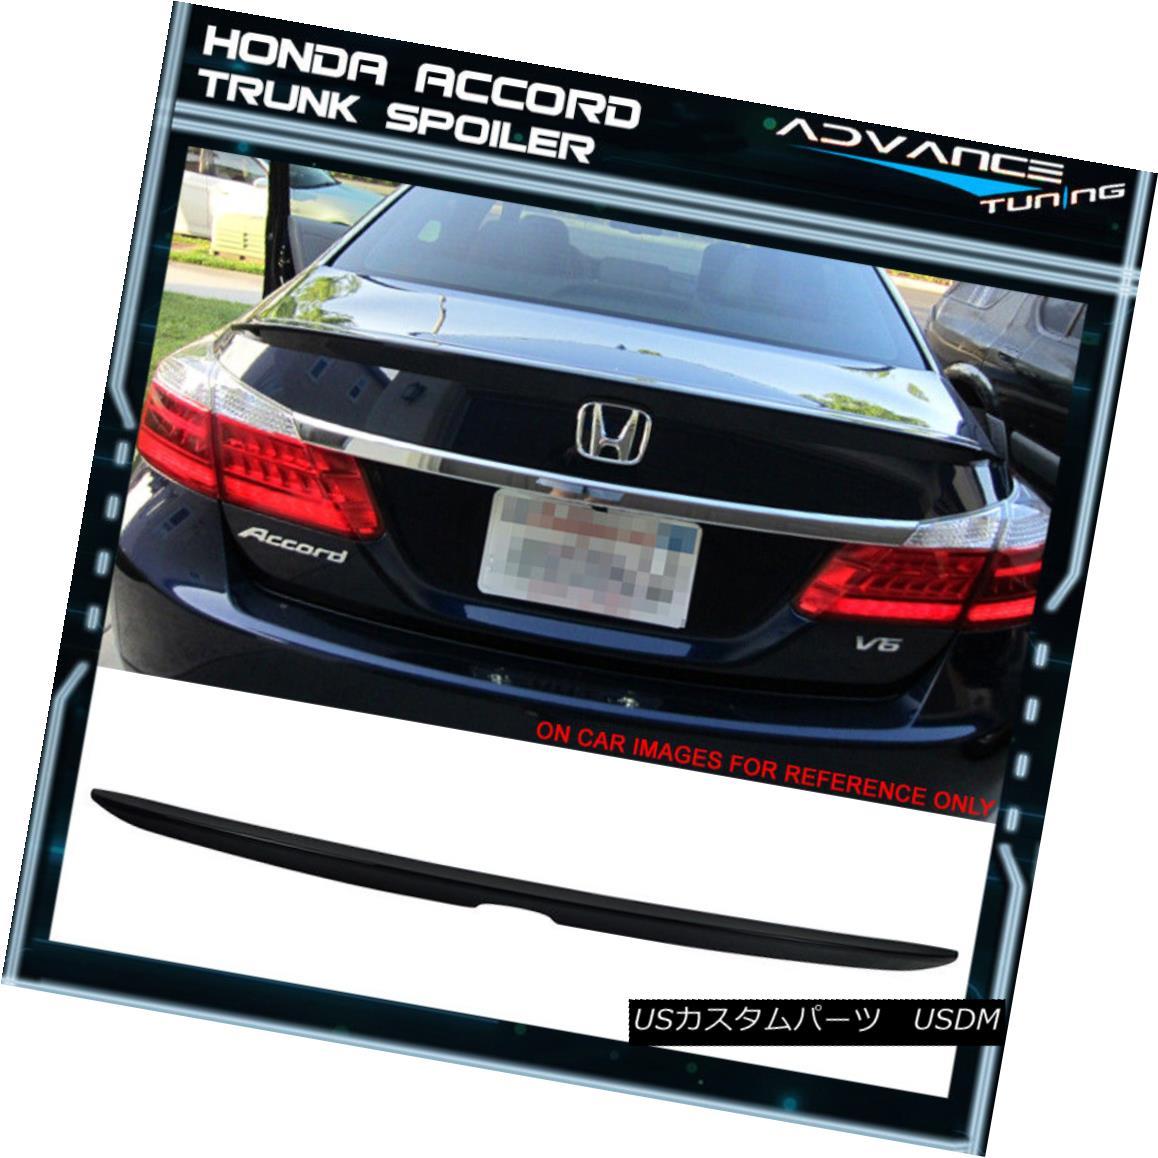 エアロパーツ For 13-16 Accord OE Style Trunk Spoiler Painted #NH731P Crystal Black Pearl 13-16アコード用OEスタイルトランク・スポイラー#NH731Pクリスタル・ブラック・パール